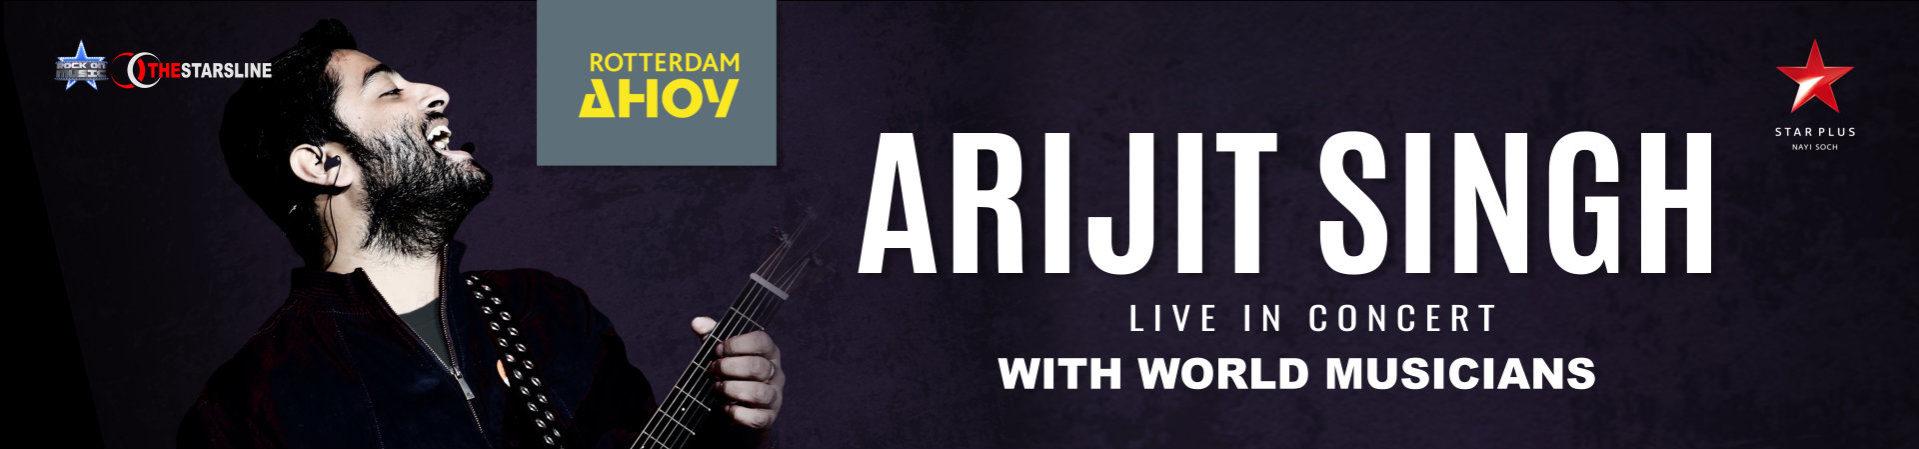 Ticketpoint | Arijit Singh Live in Concert 2018 | Rotterdam